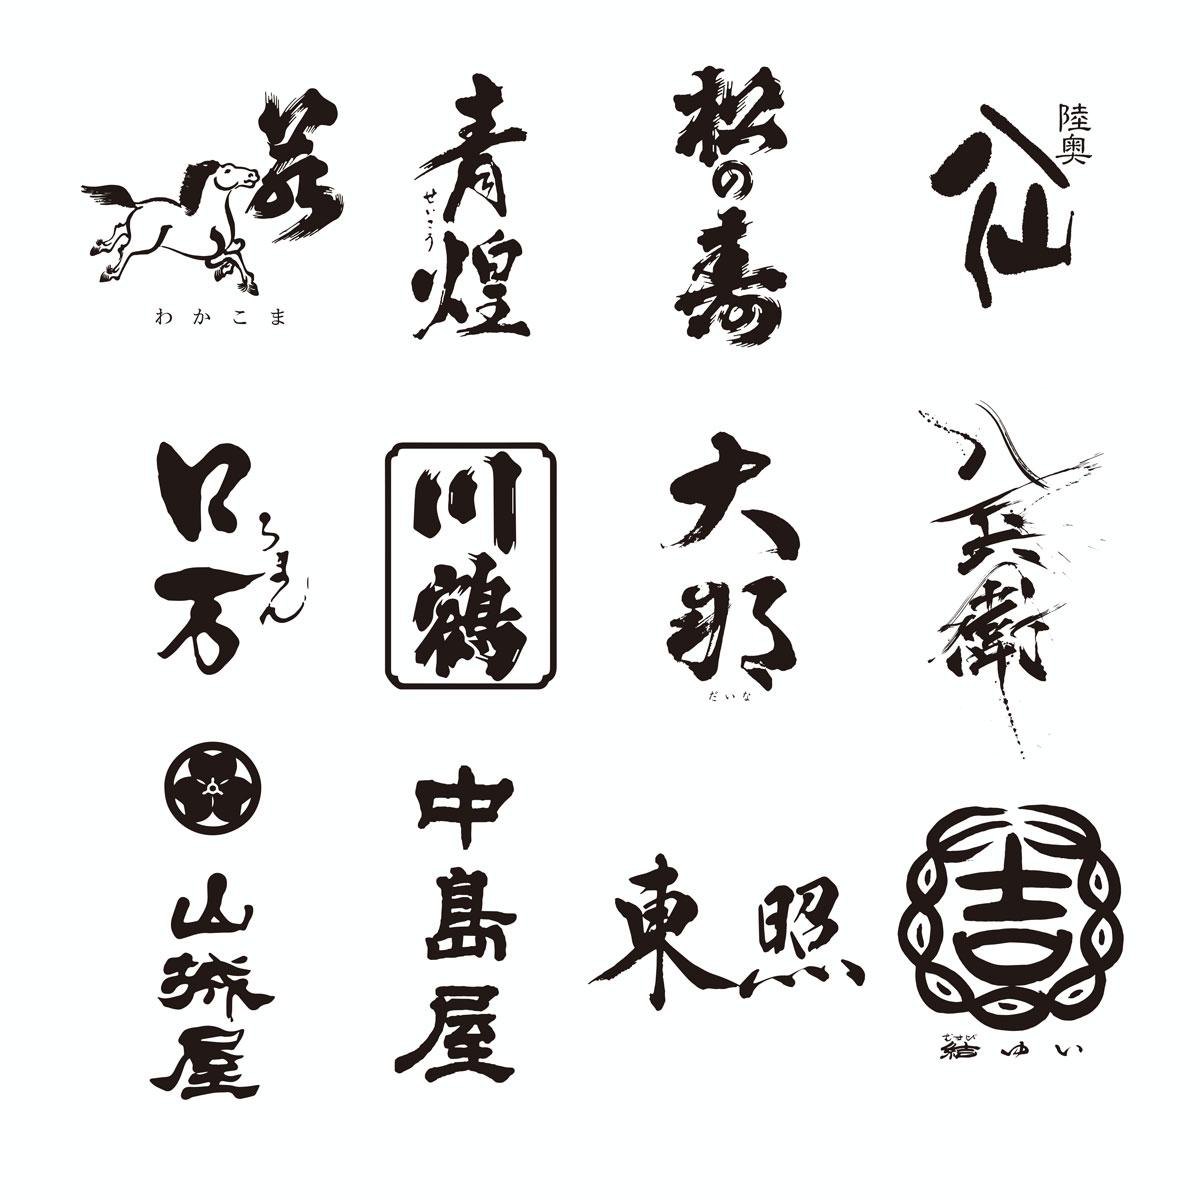 他では飲めない限定の日本酒!?コロナ禍の酒蔵を応援すべく日本酒文化応援プロジェクト『WAX&WANE』始動